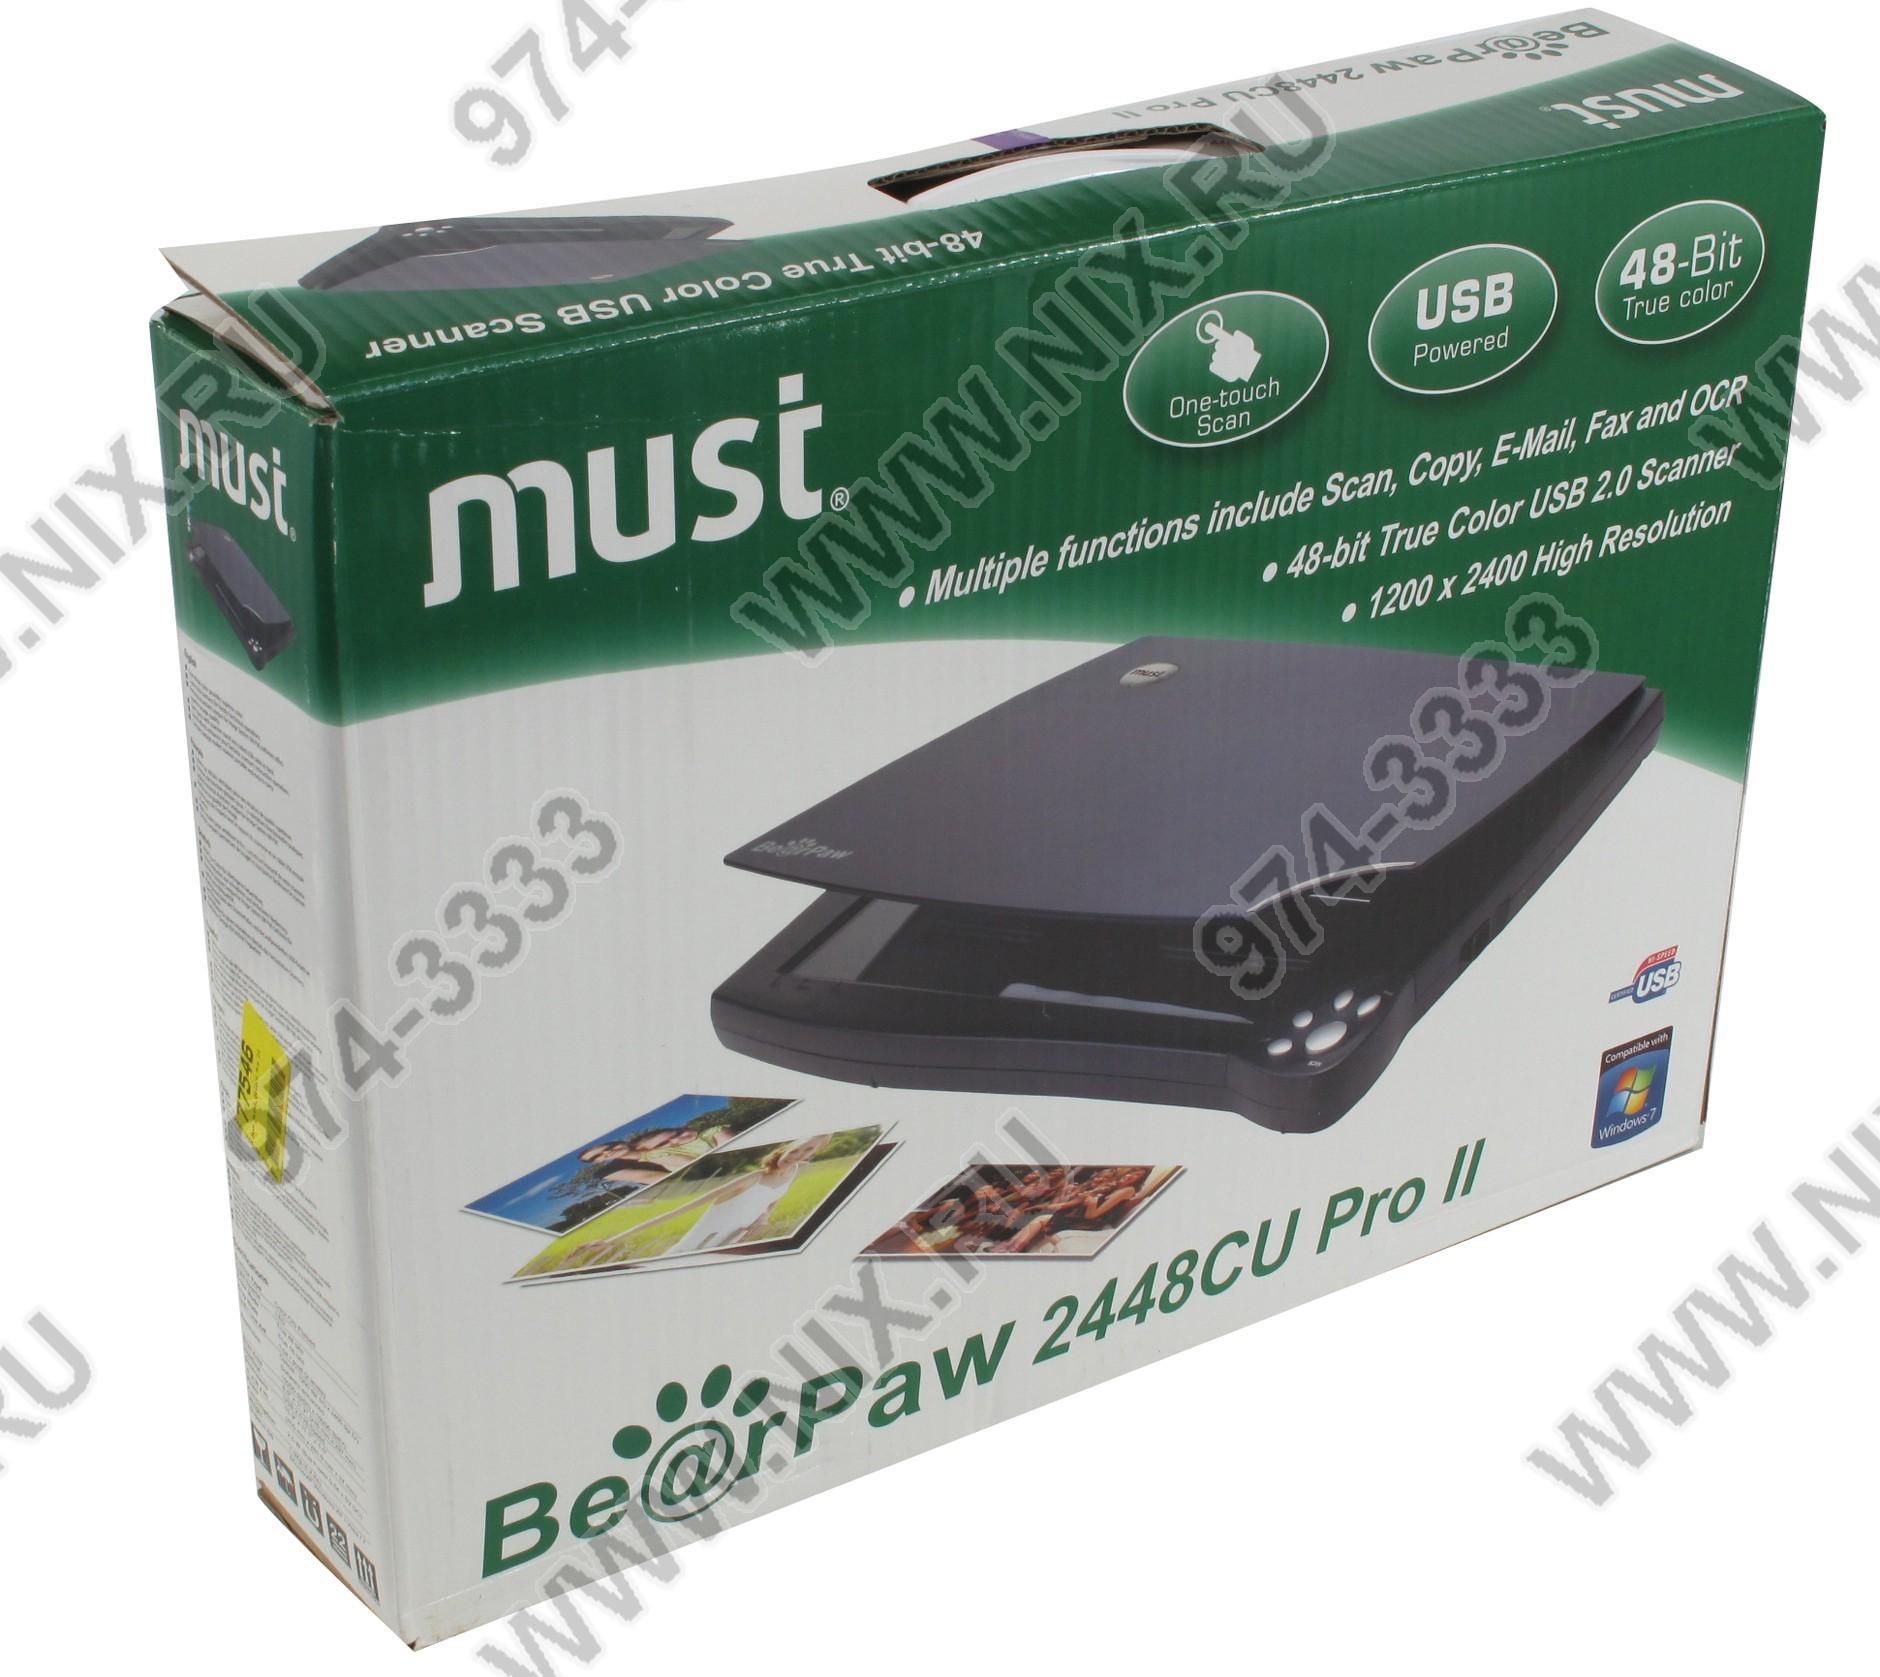 Сканер bearpaw 2448 6